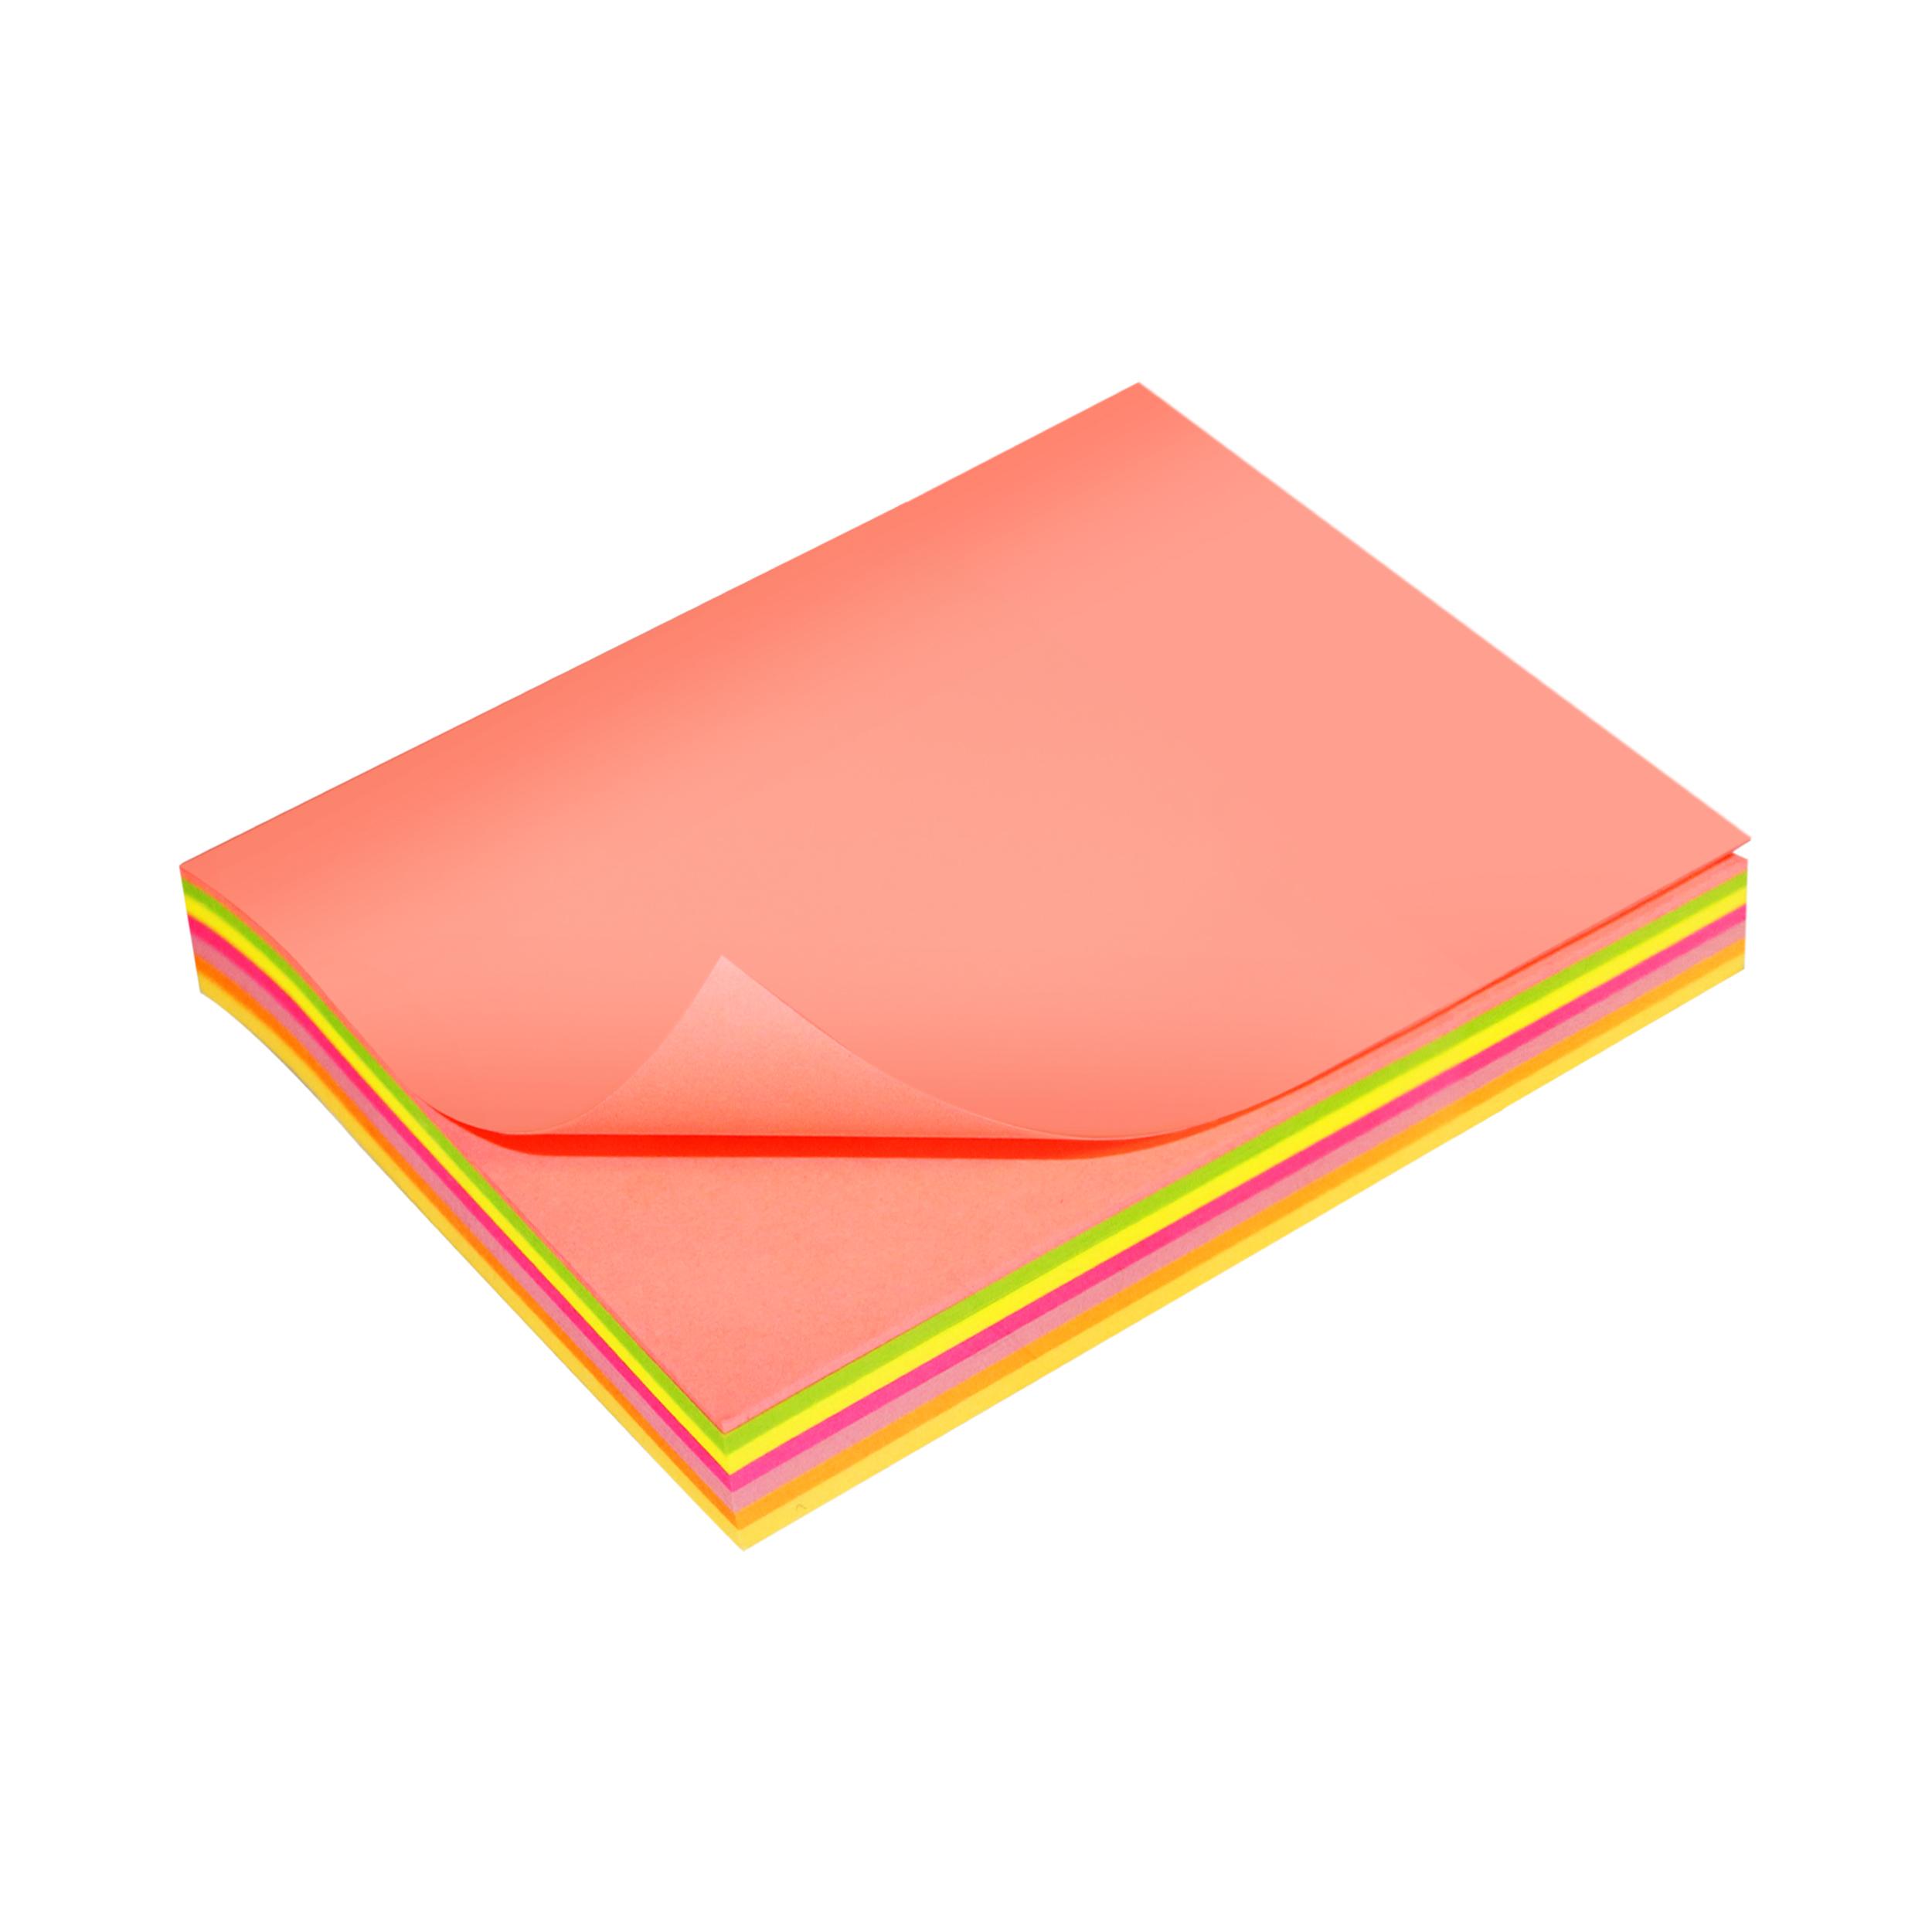 کاغذ یادداشت چسب دار سان رایز  کد STN-100-MC-100  بسته 100 عددی